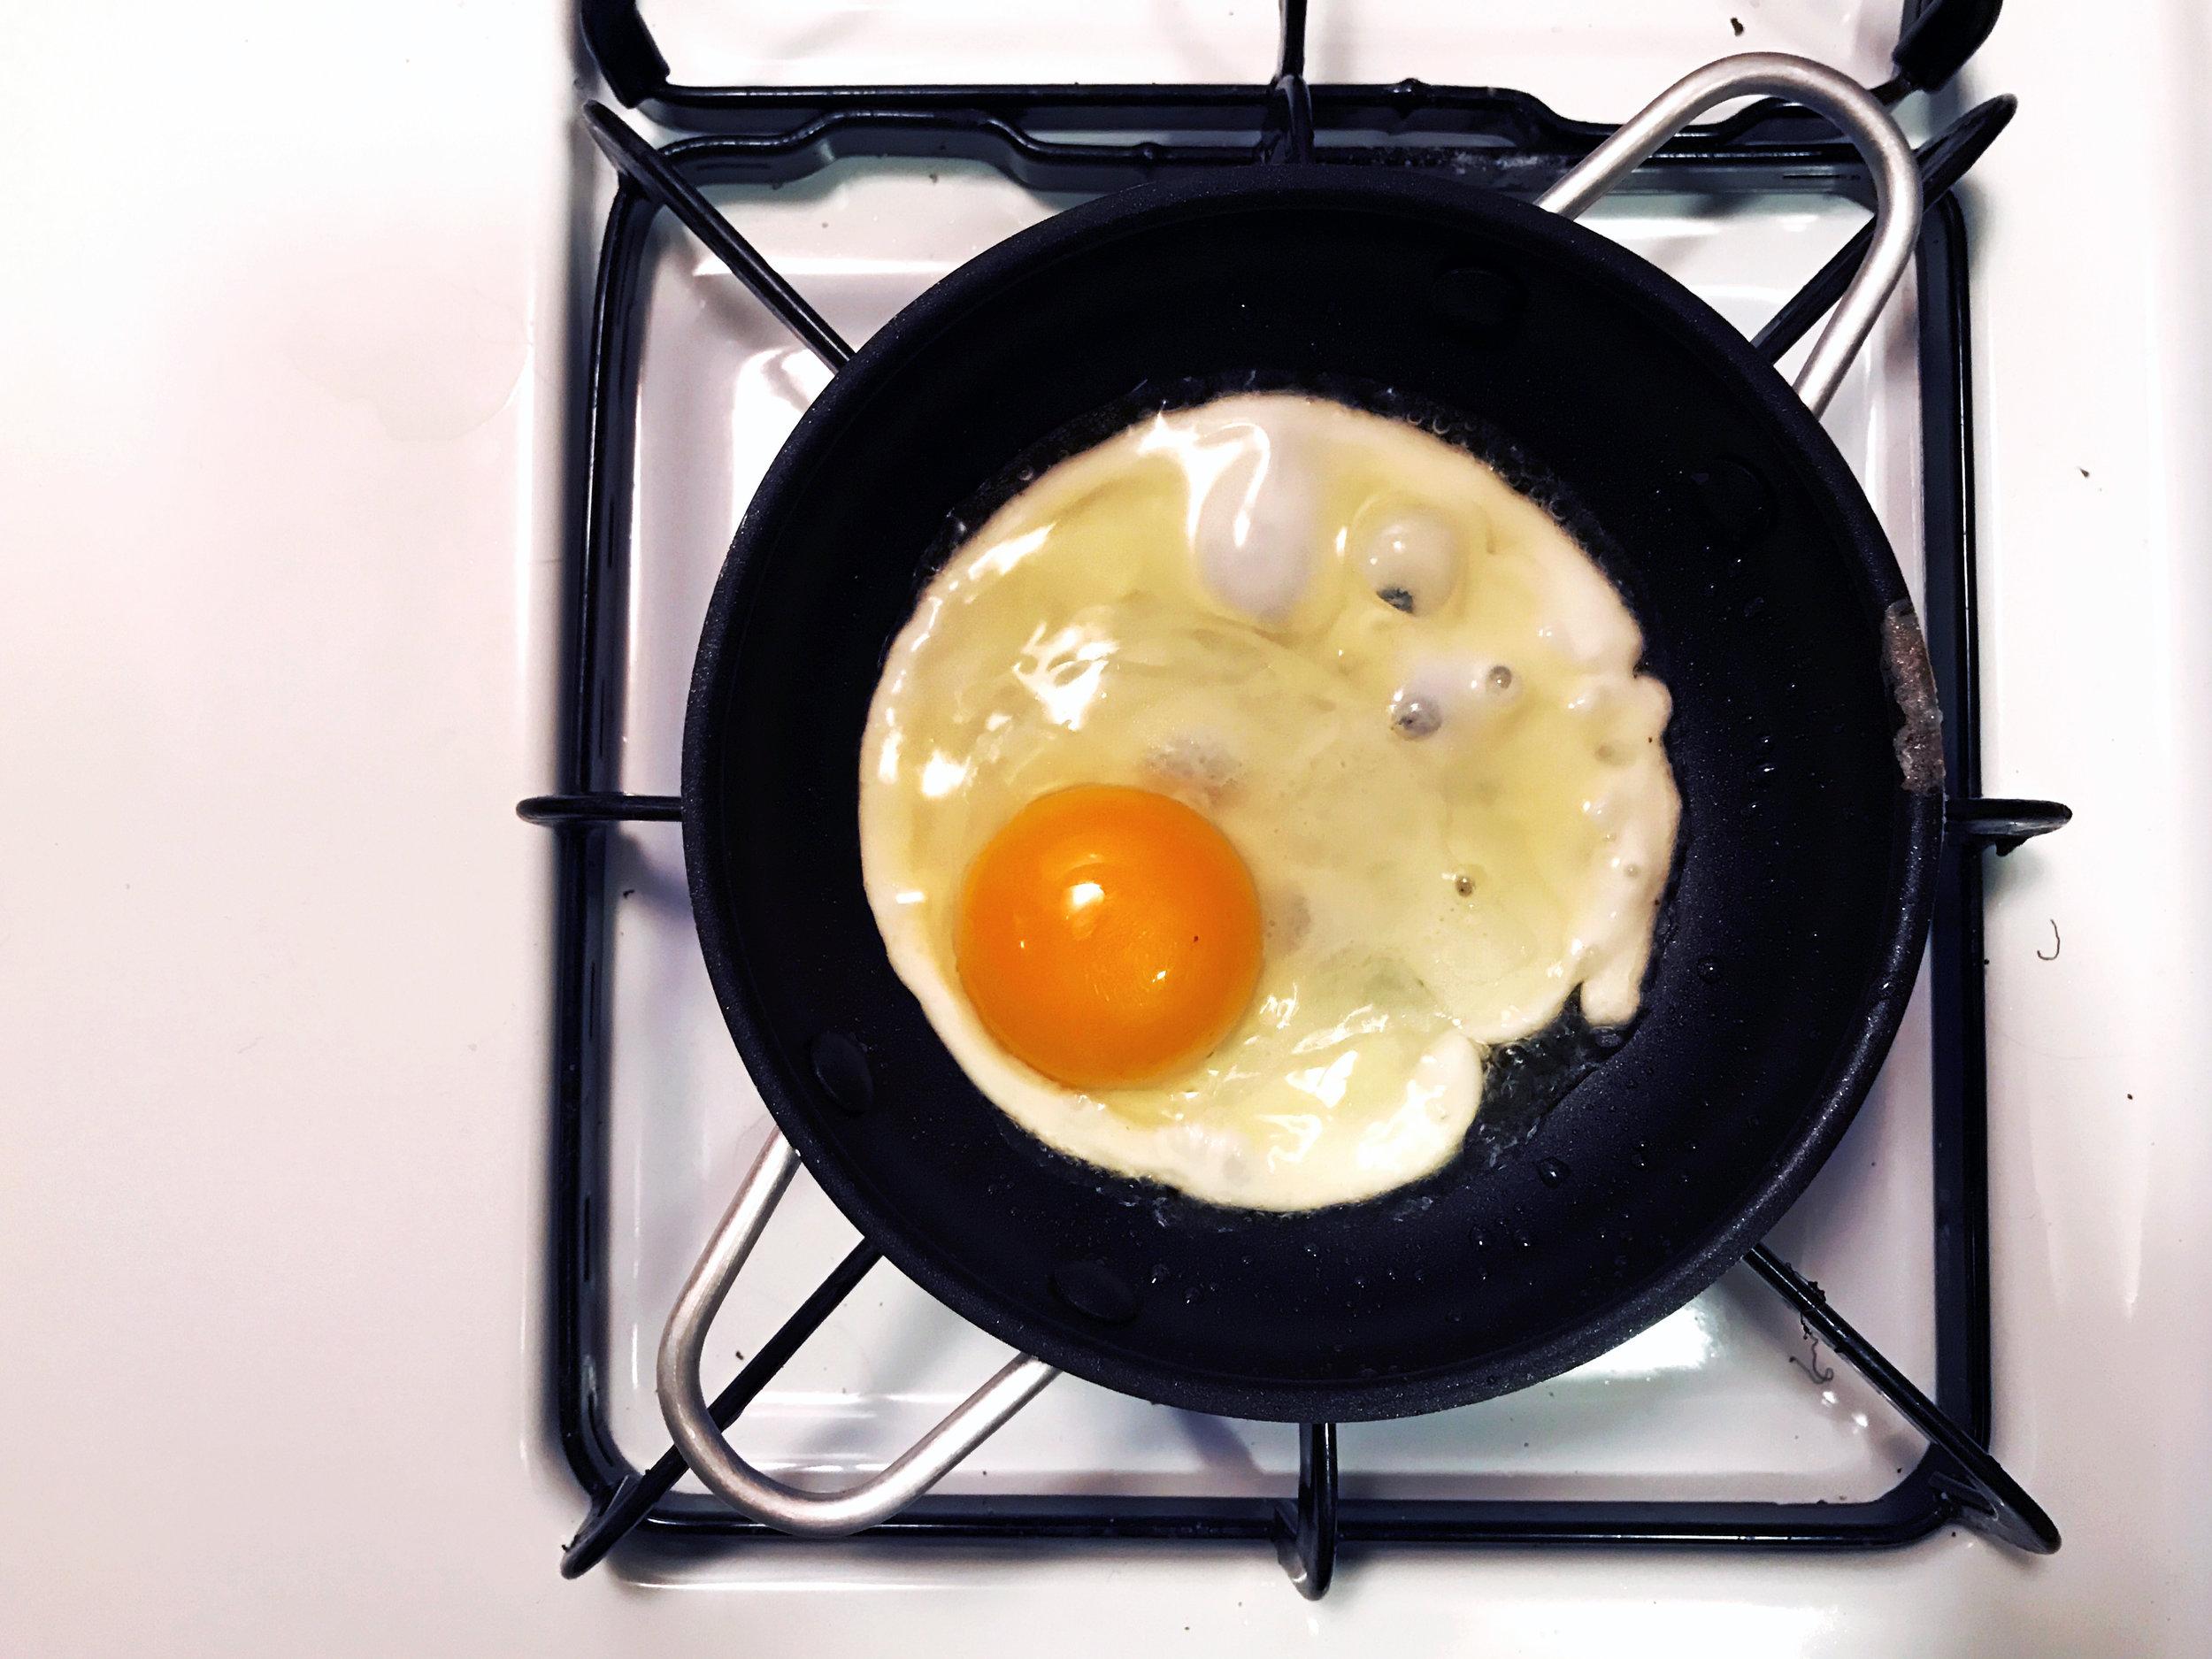 acid-trip-fried-egg-vinegar-2.jpg